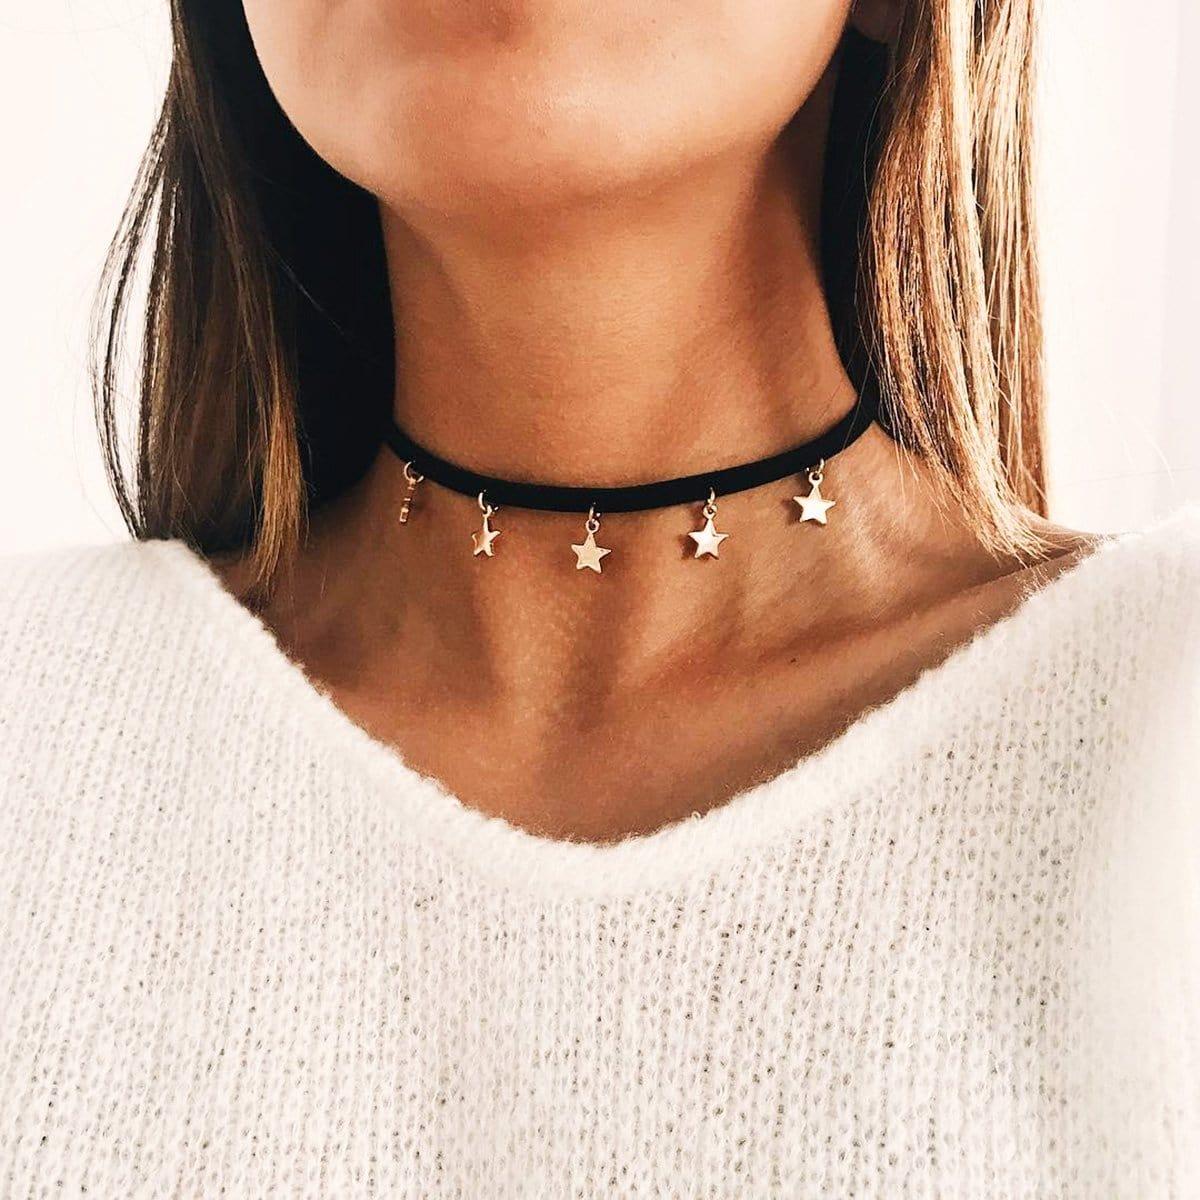 Ожерелье с подвеской звезды